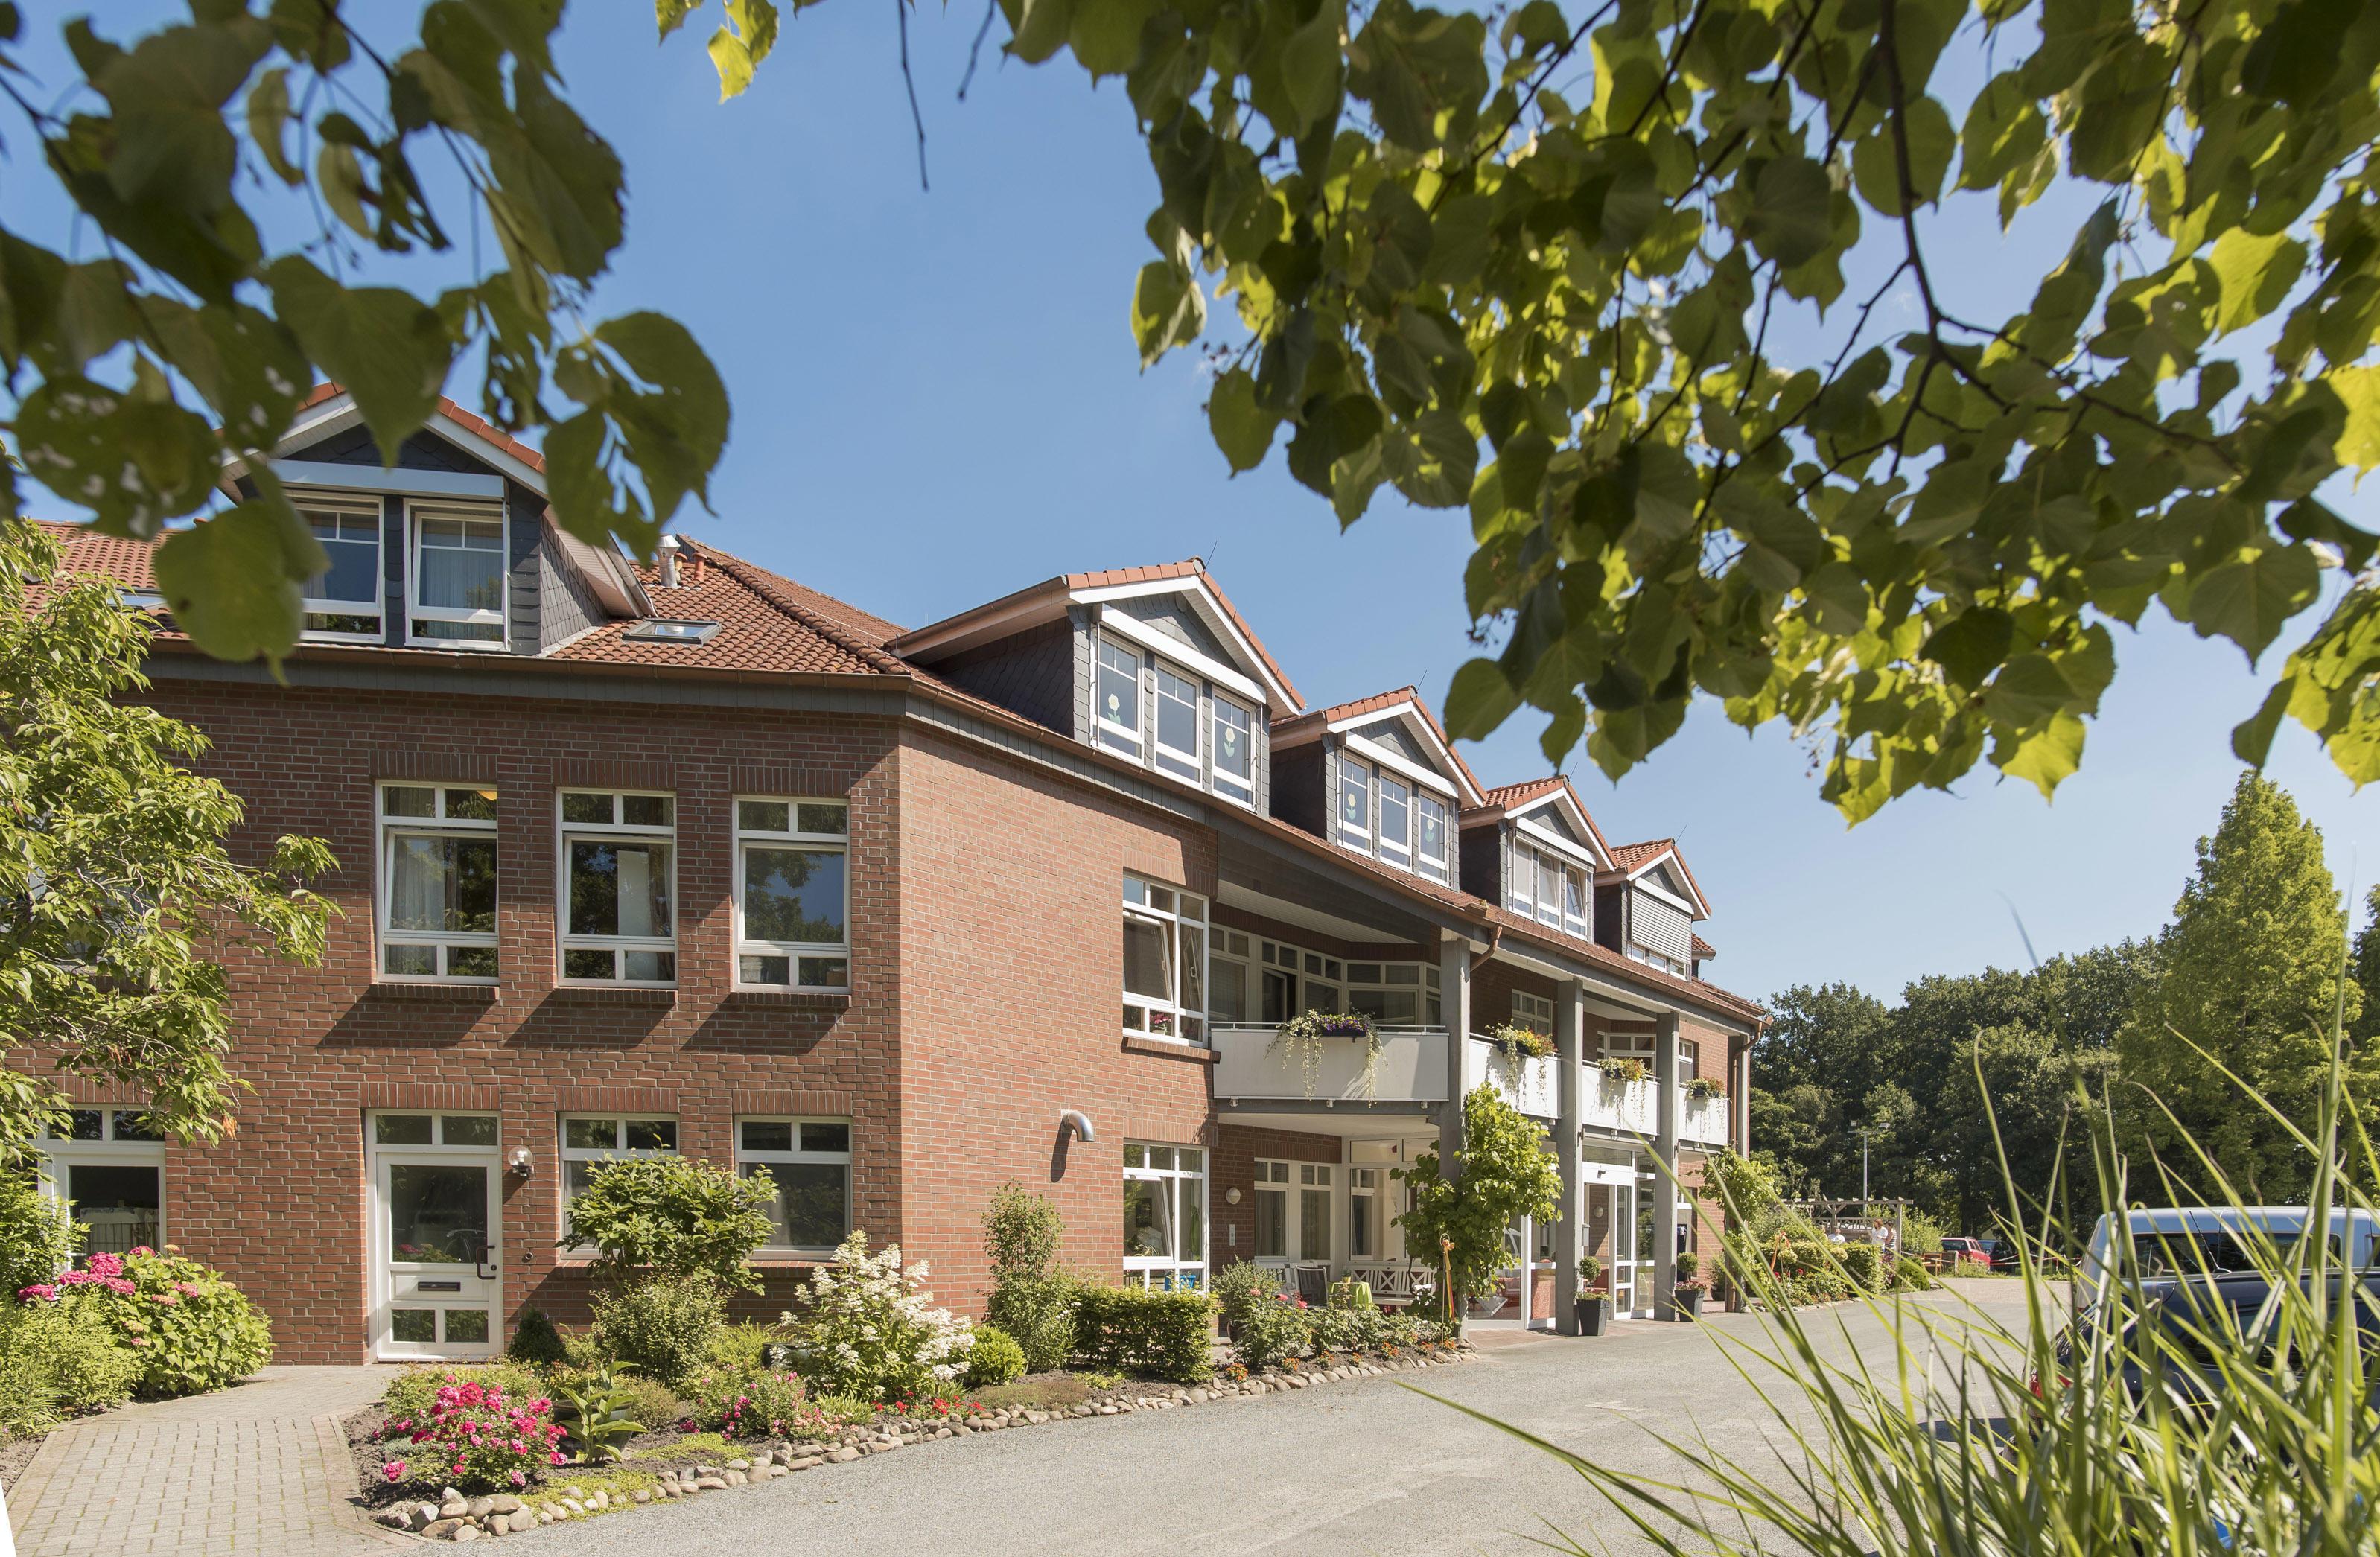 Wohn- und Pflegezentrum Friesenhof